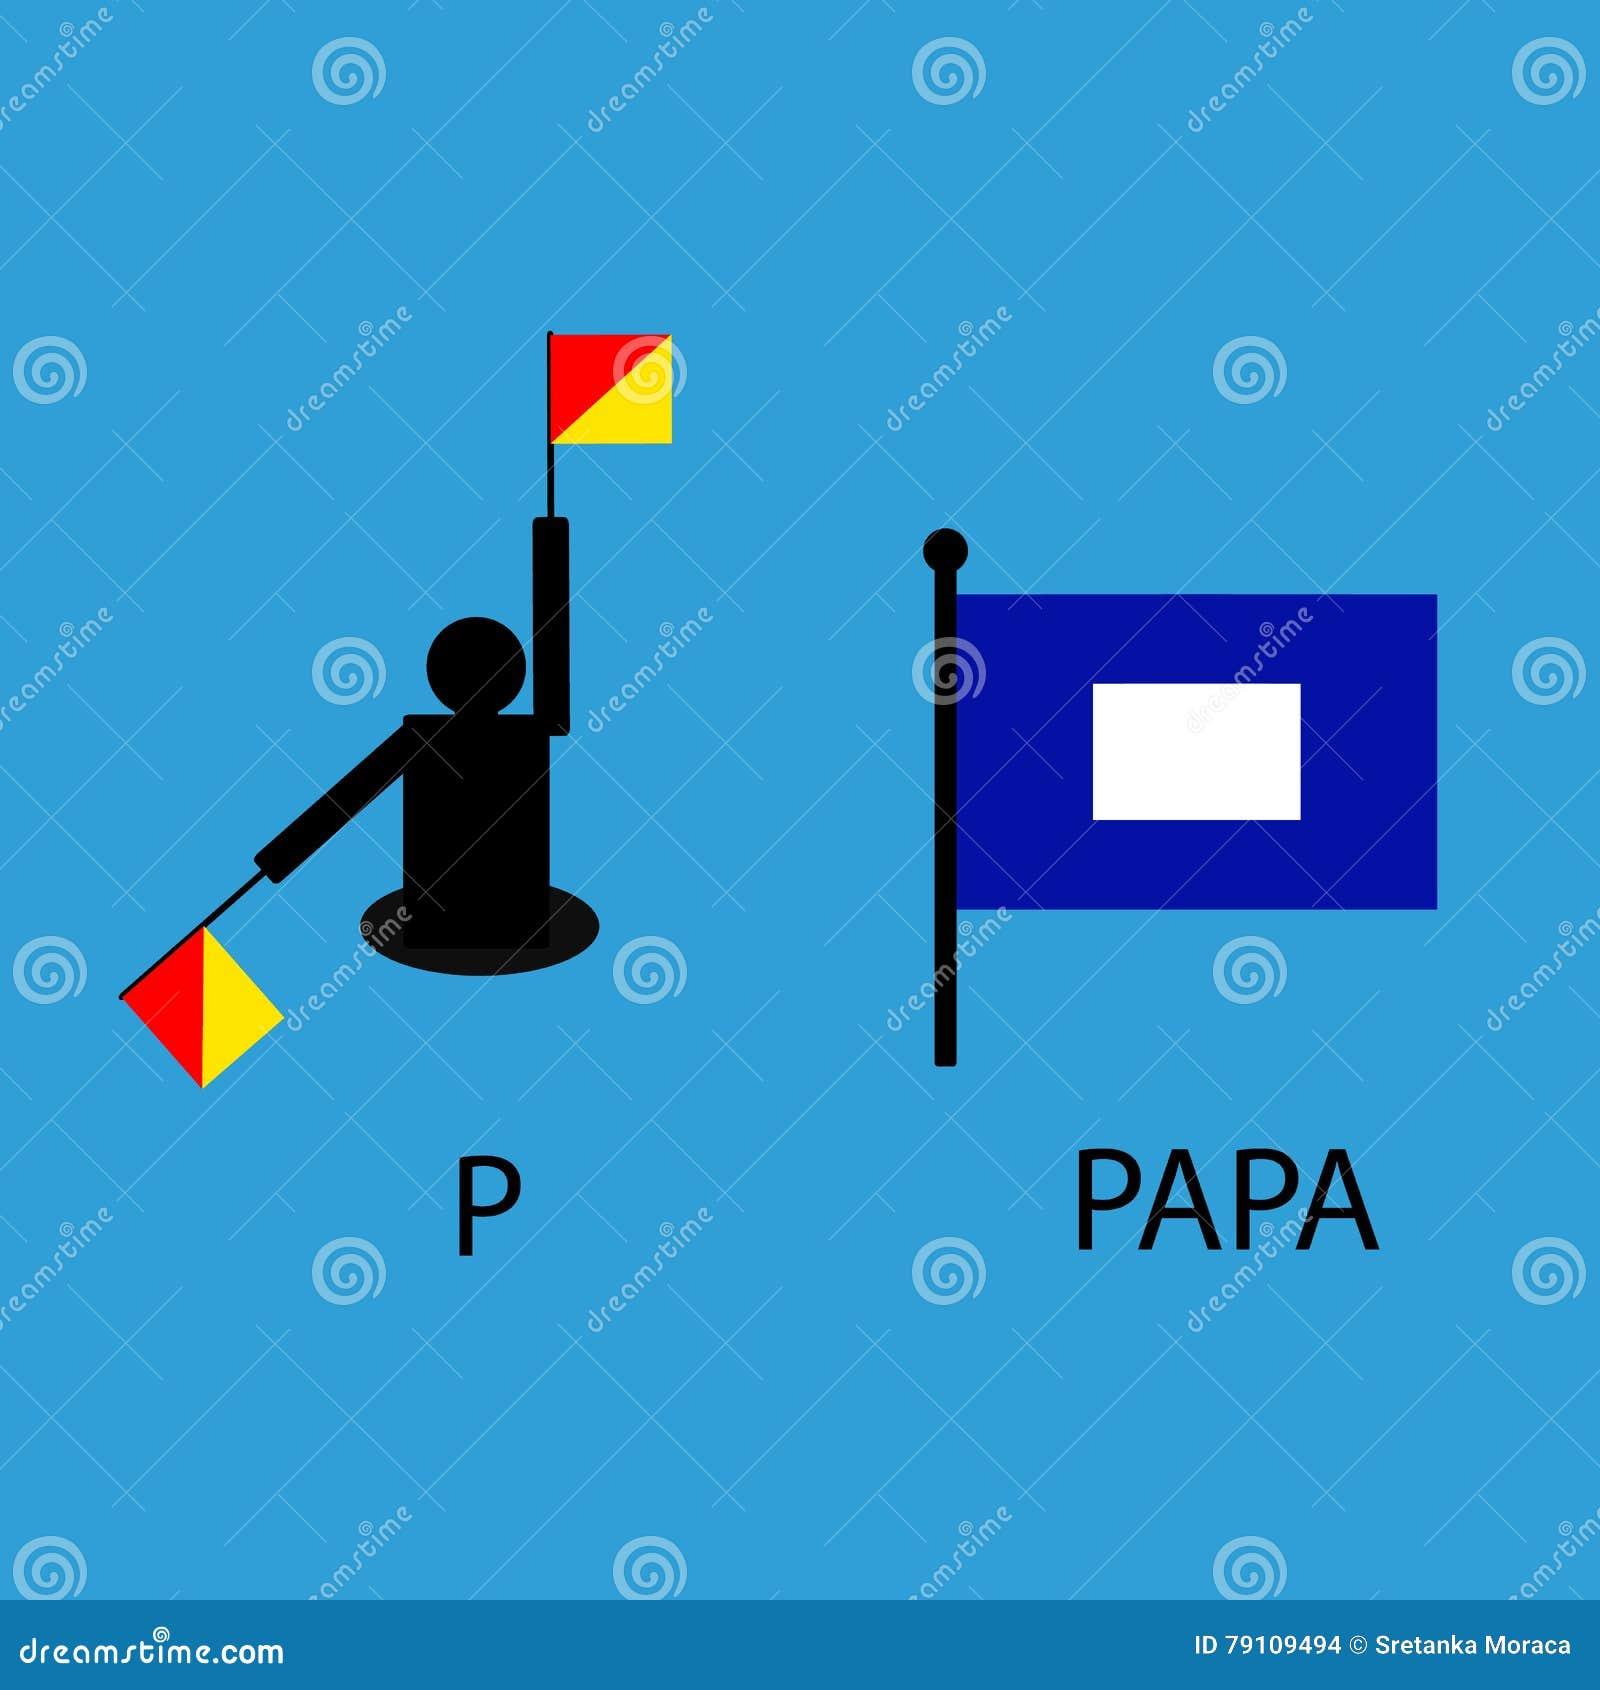 Drapeau de signal marin international, alphabet de mer, illustration de vecteur, sémaphore, communication, papa